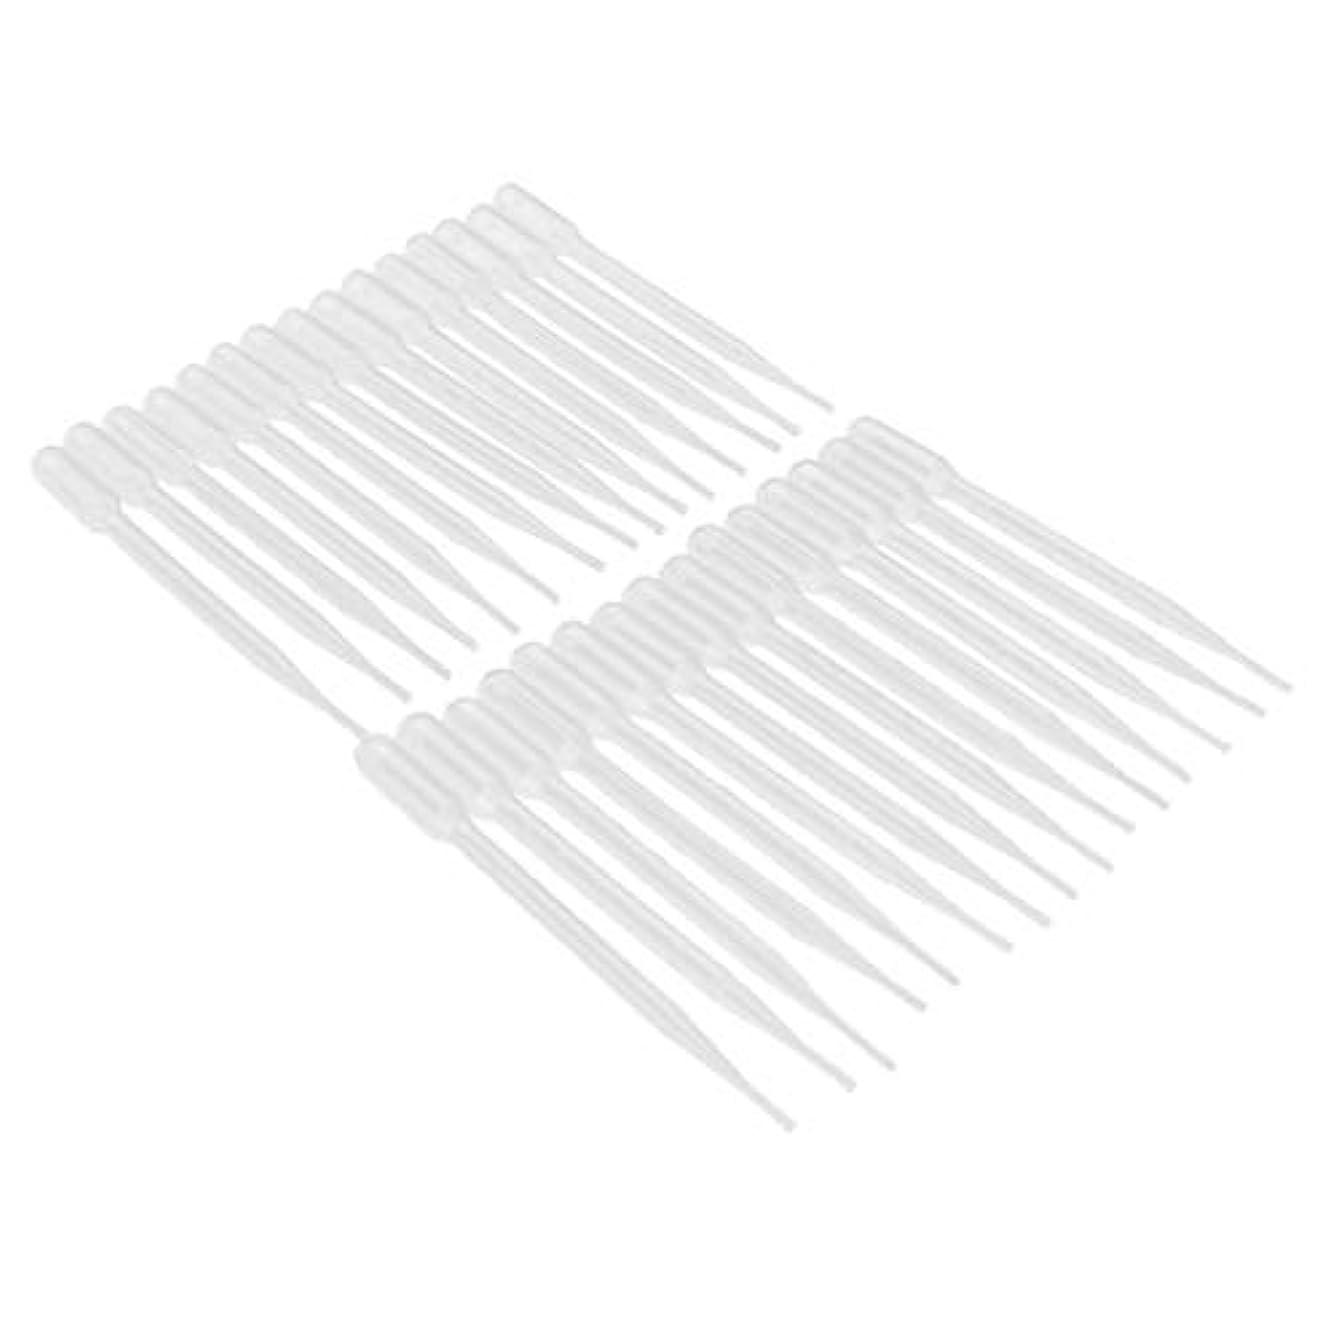 フィードシャンパンずるいPerfeclan 約30個入 プラスチック トランスファーピペット 精油 プラスチック 移動ピペット 3サイズ選べ - 3ML